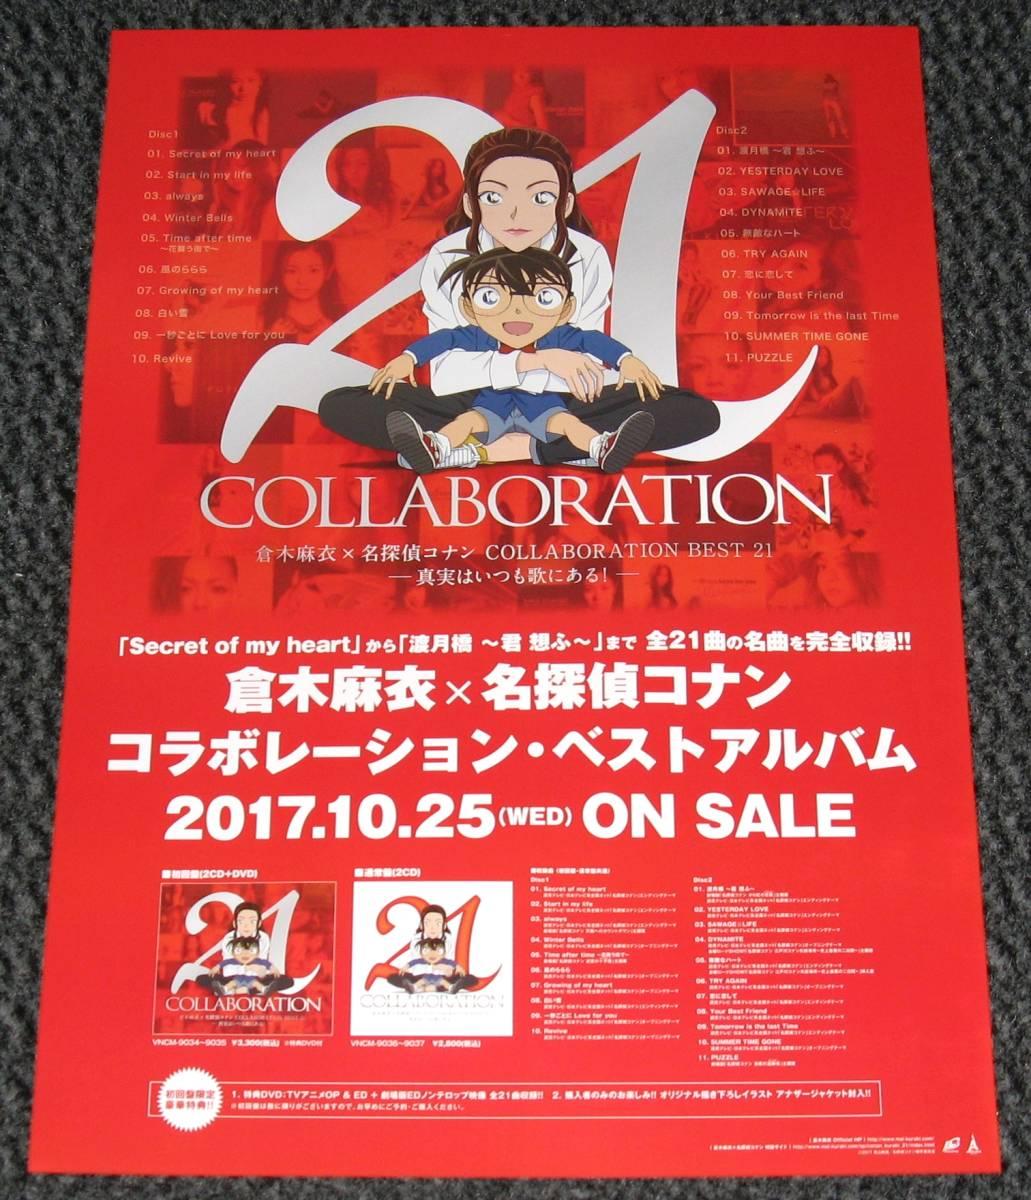 倉木麻衣 [倉木麻衣×名探偵コナン COLLABORATION BEST 21] 告知ポスター